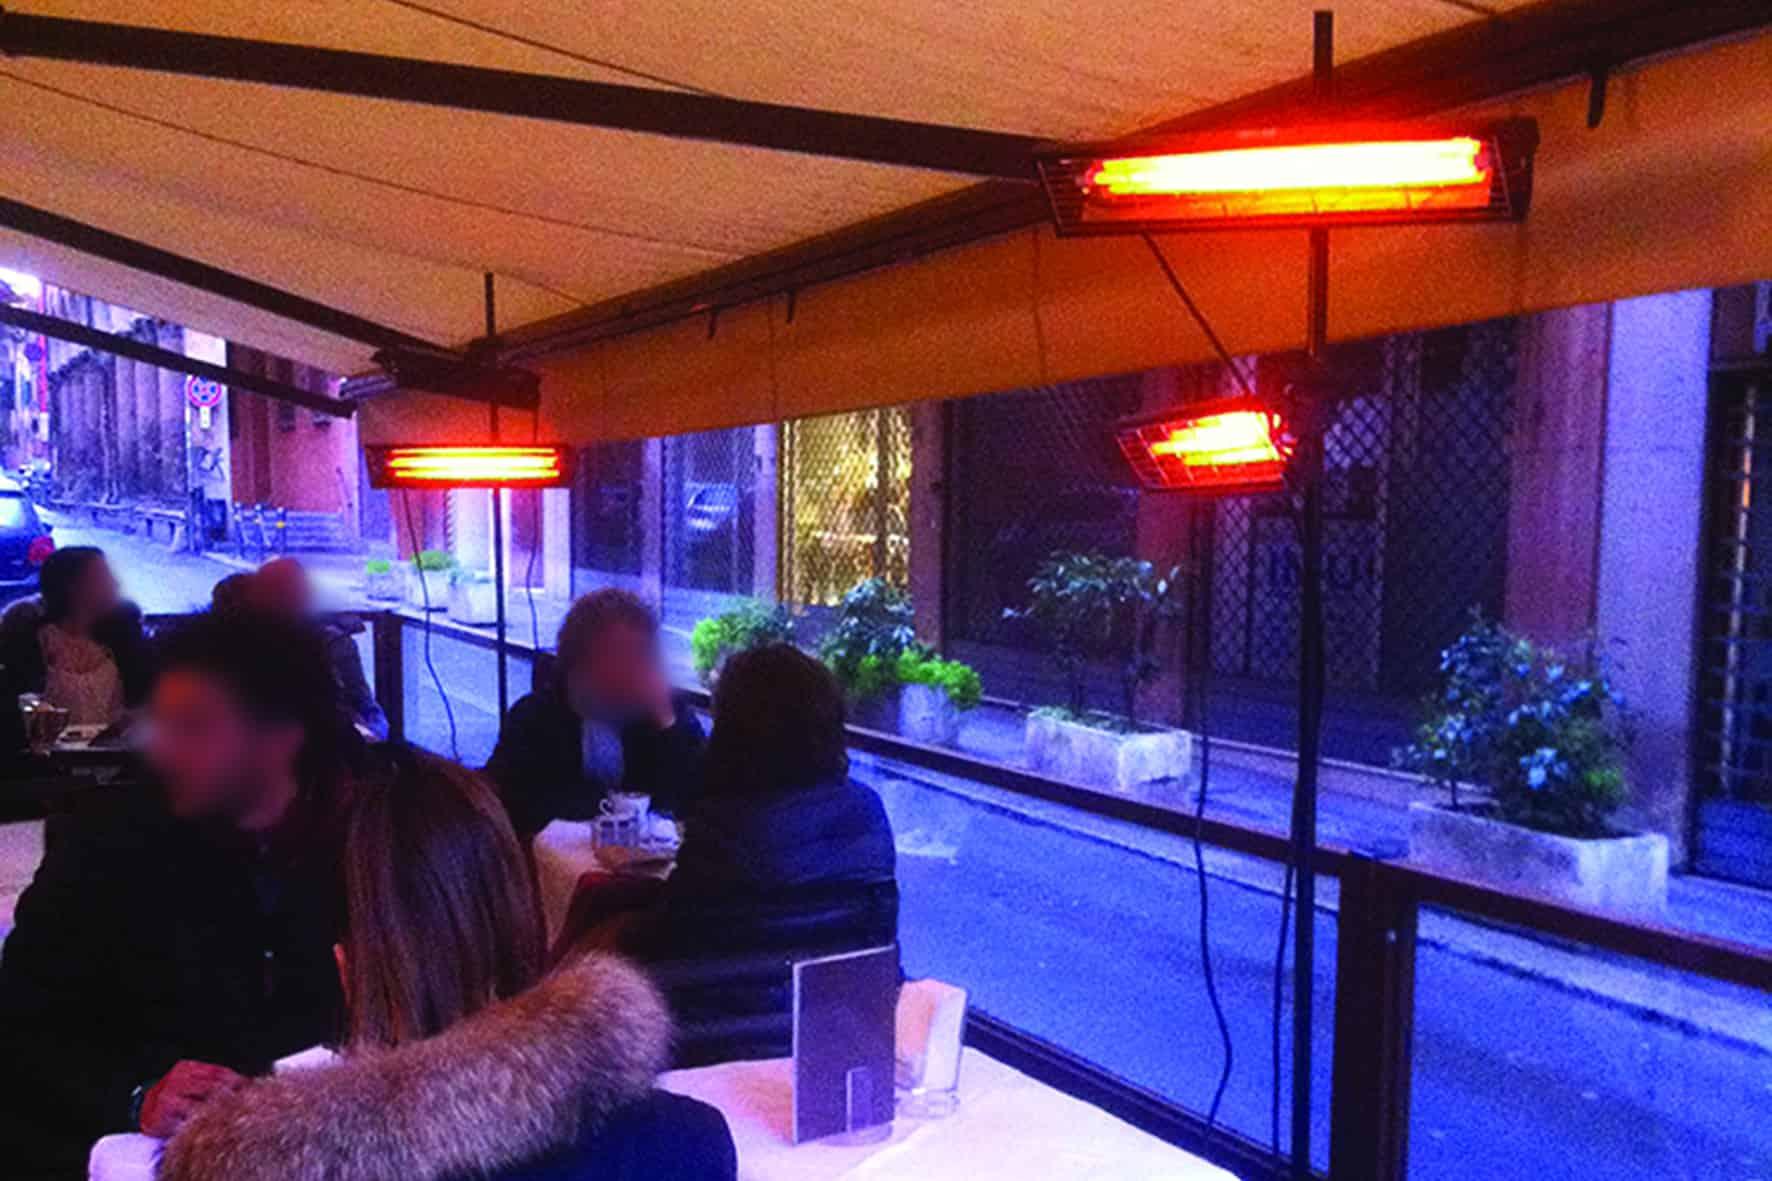 Lampade e riscaldatori infrarossi da esterno synerprogetti